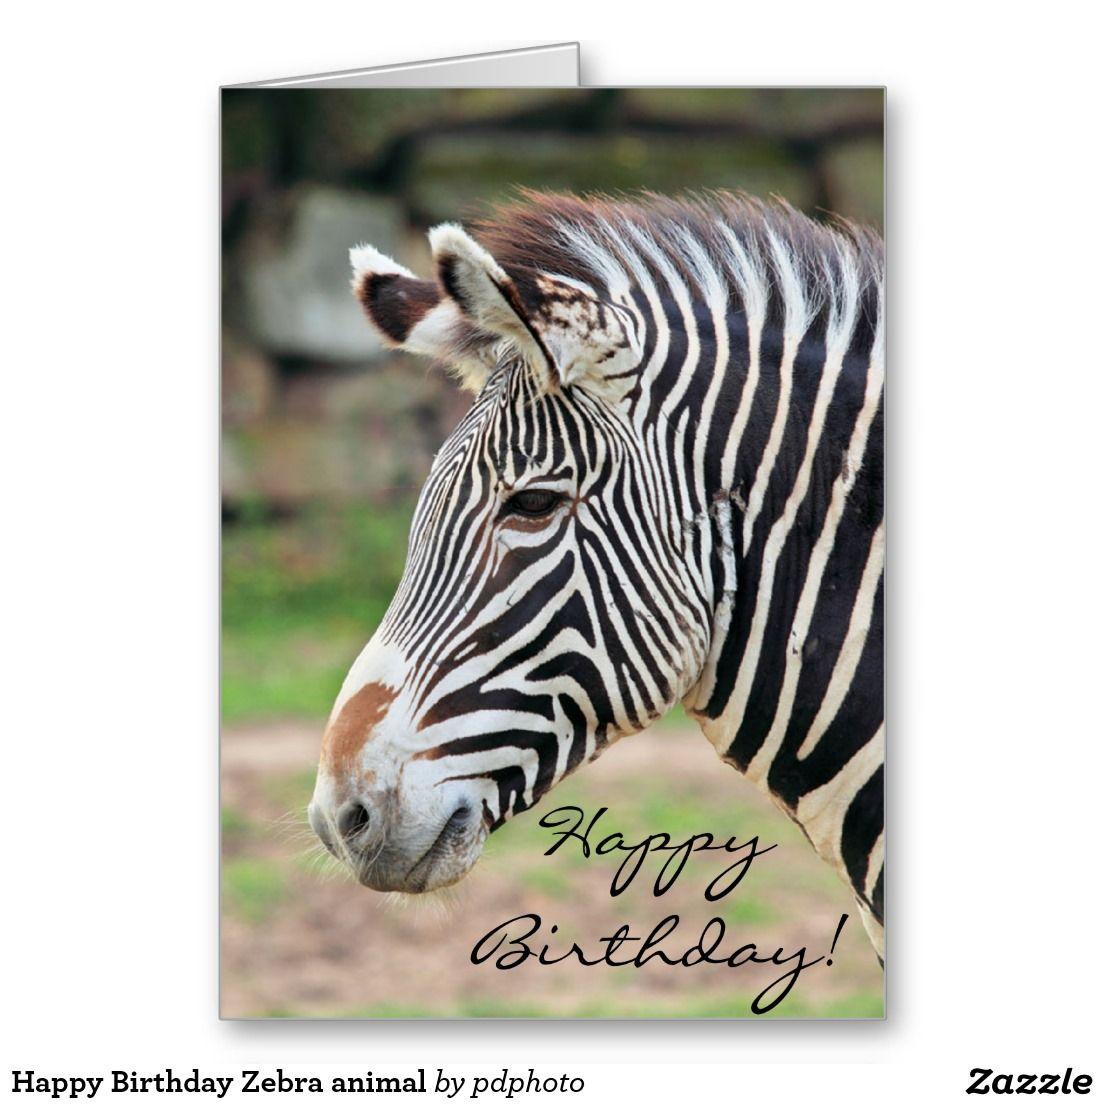 Happy Birthday Zebra Animal Card Zazzle Com With Images